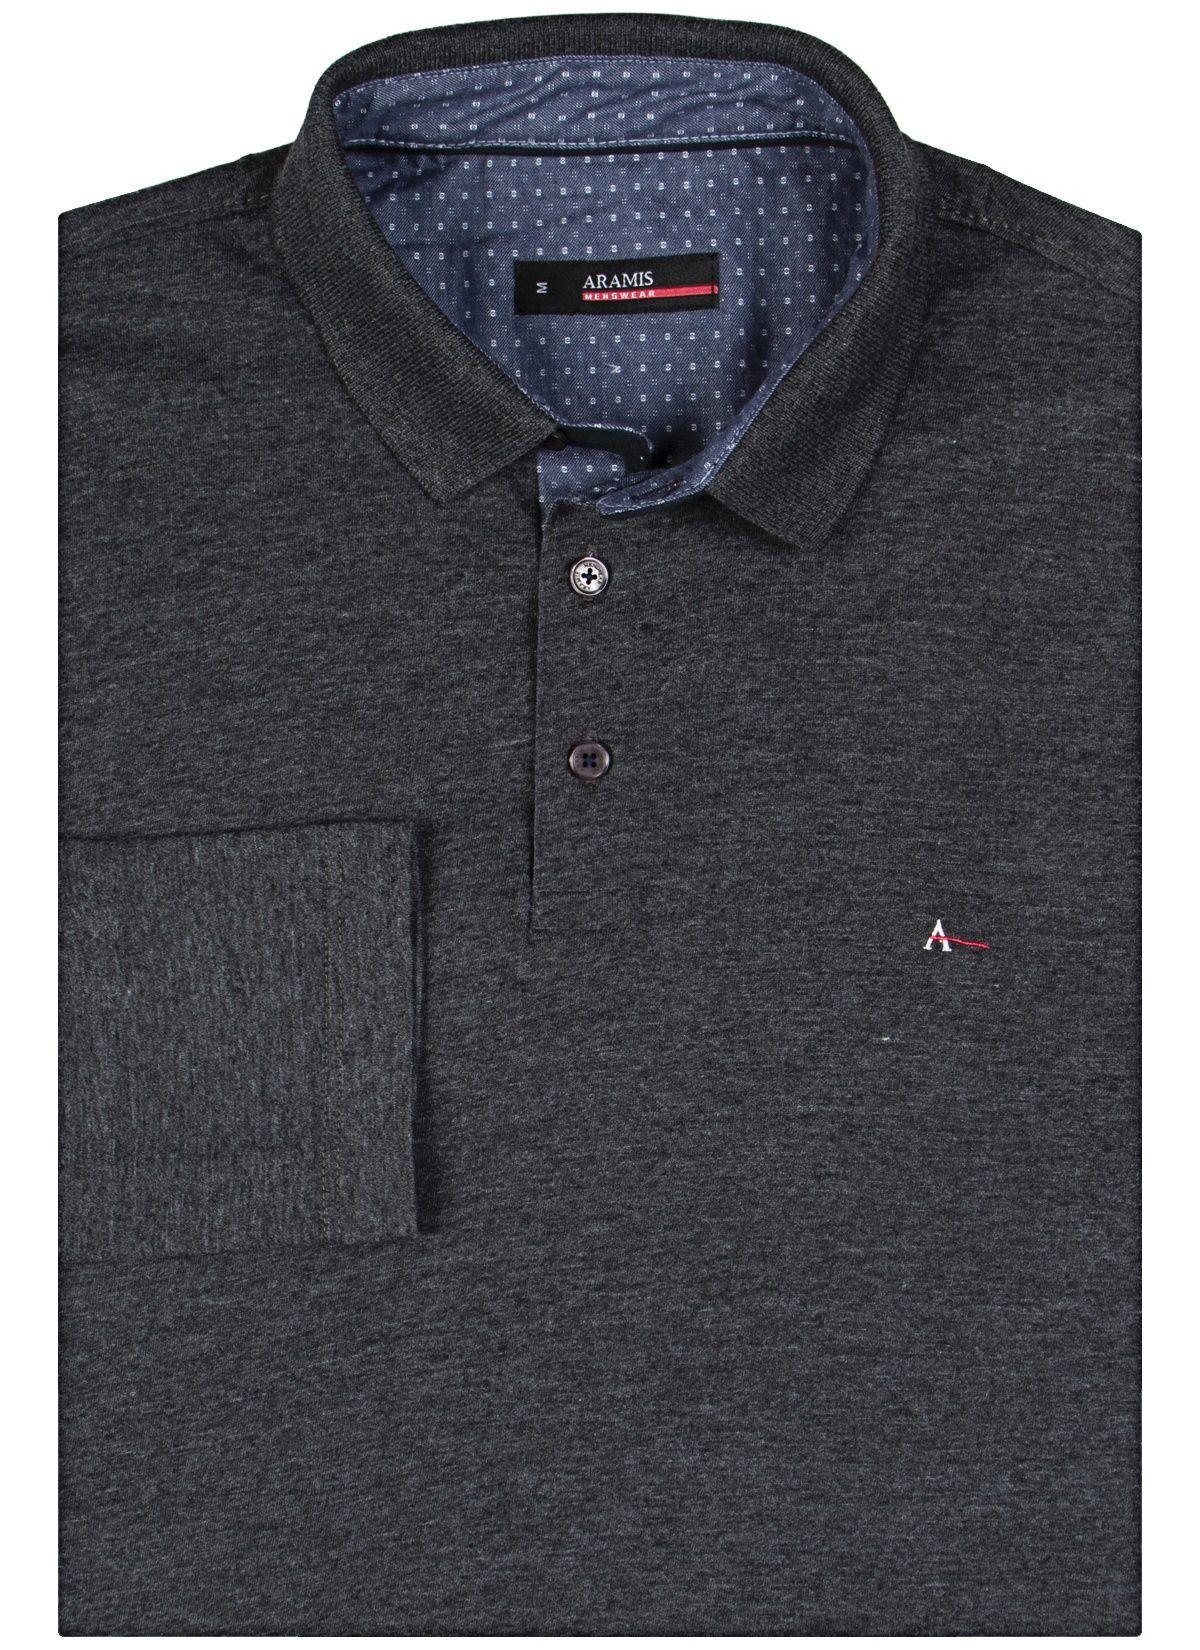 3dcddf693a632 Polo Detalhe Jeans